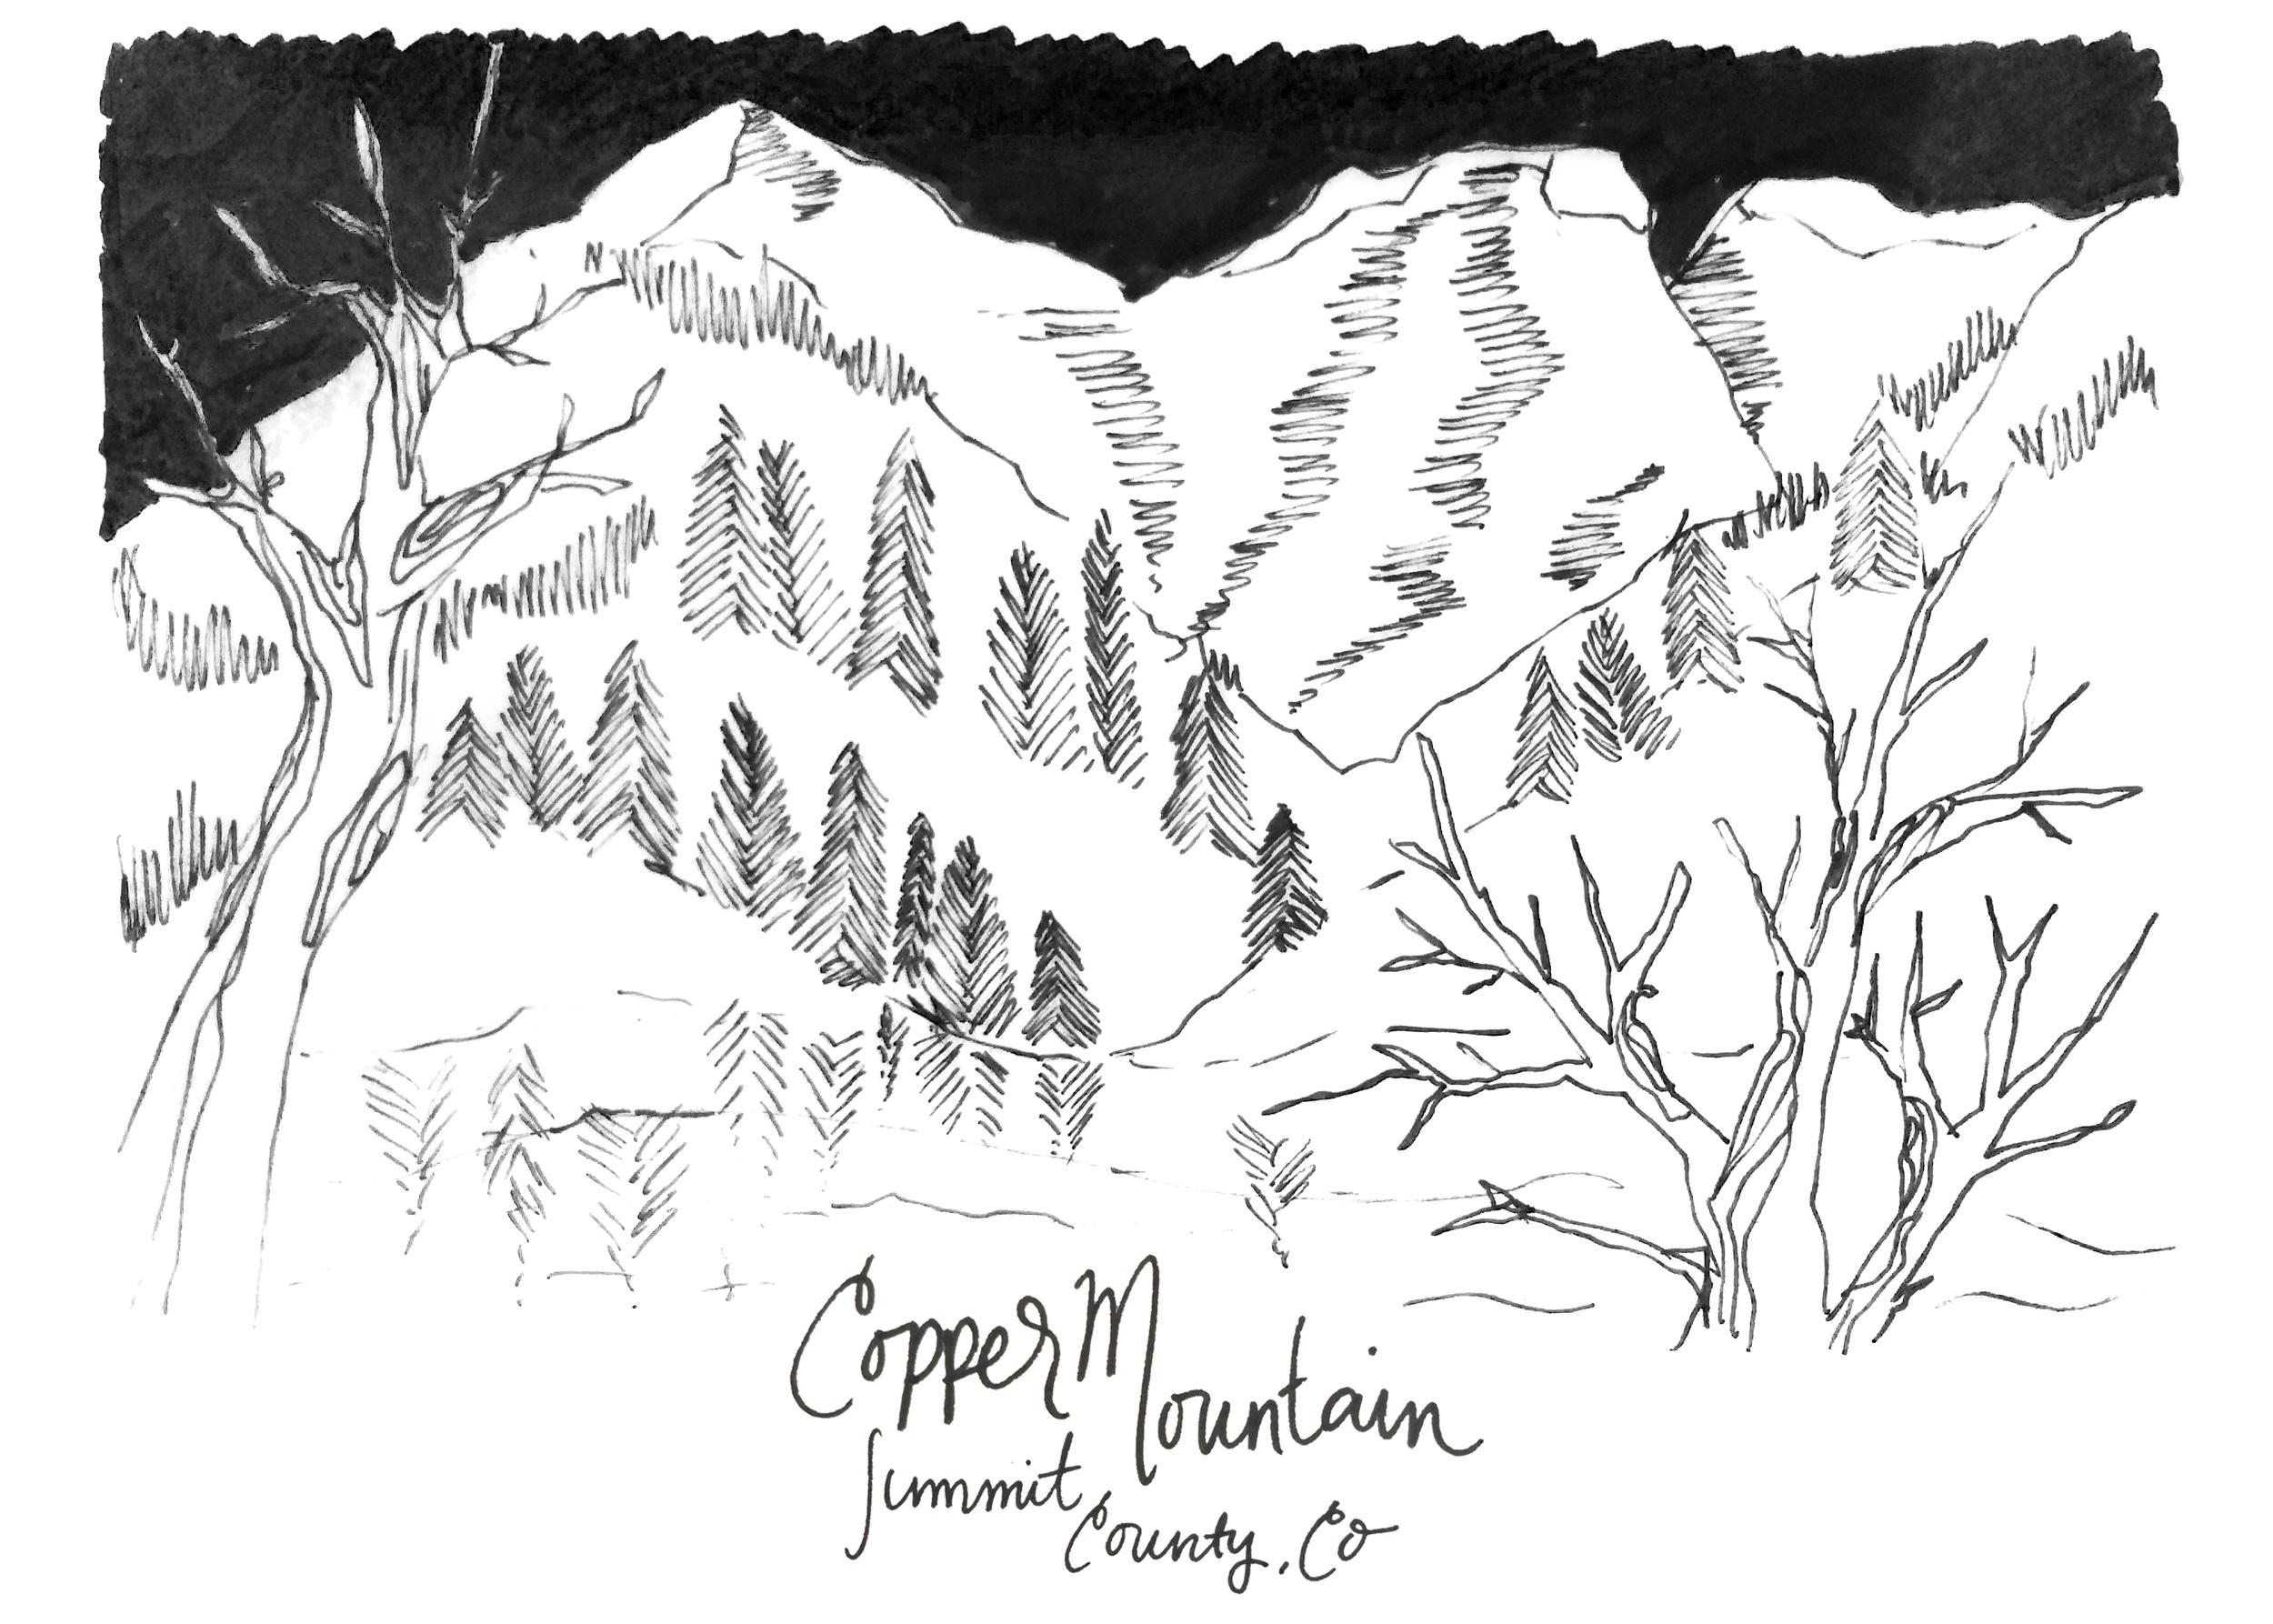 mundanetype-colorado-coppermountain.jpg